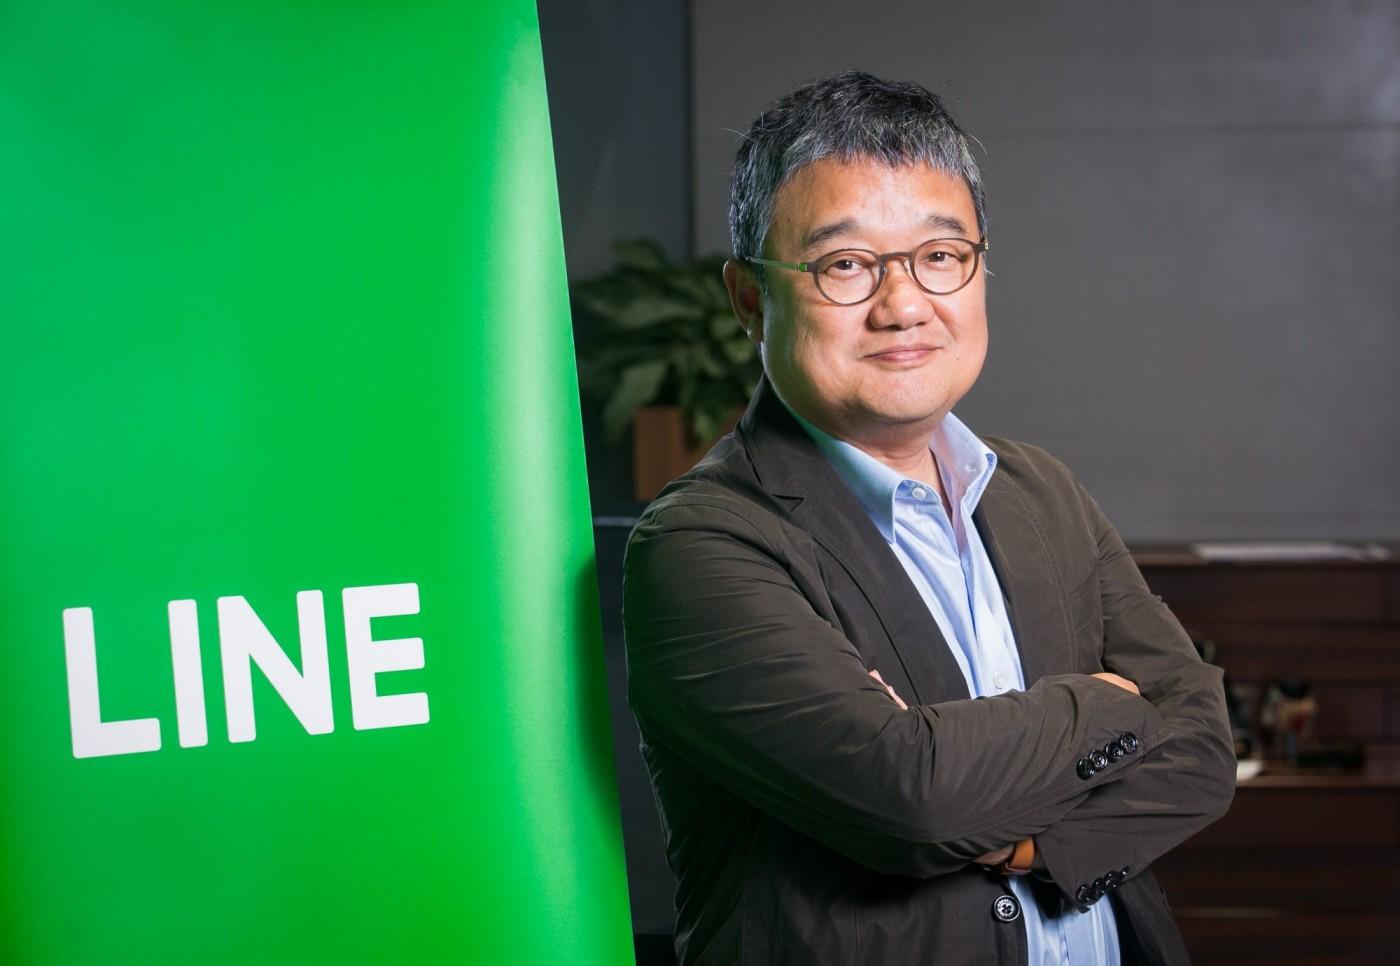 搶攻純網銀執照在即,台灣LINE Bank董事長人選先拍板